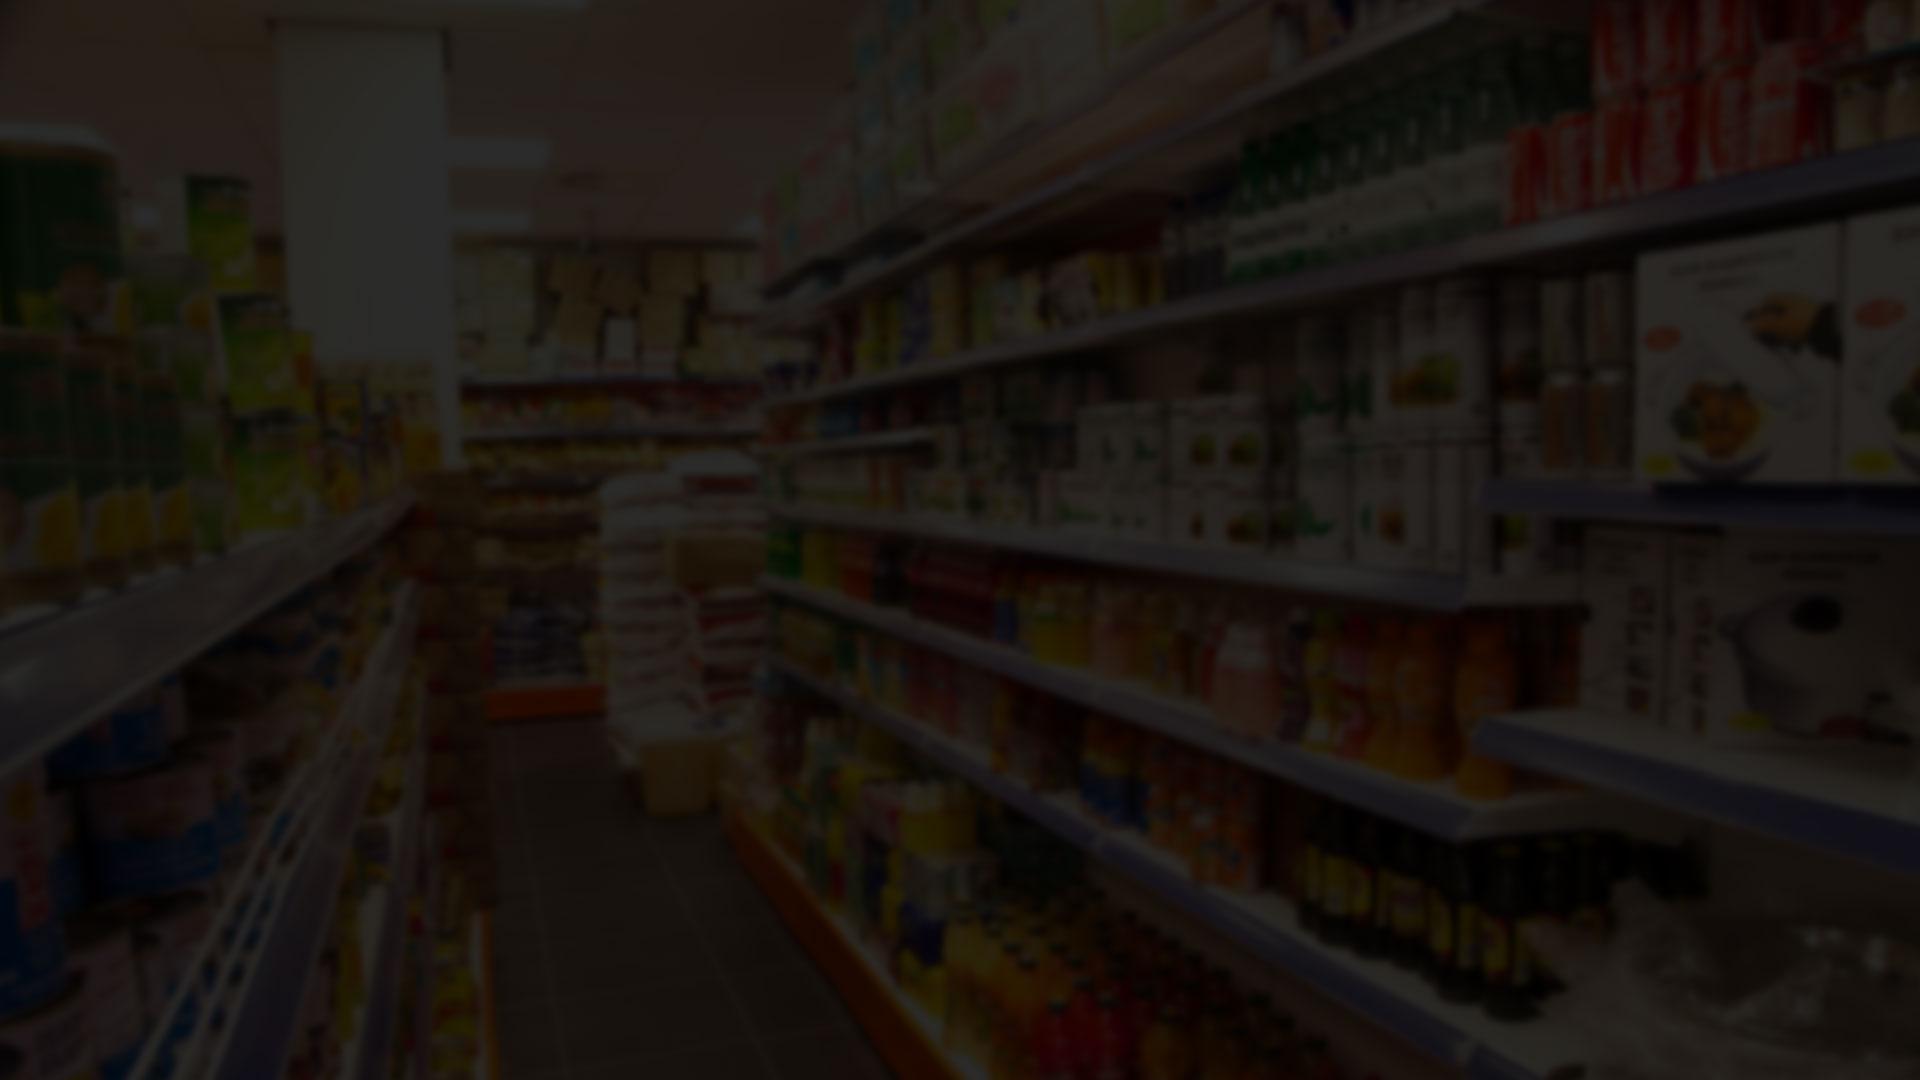 بین قفسه های سوپرمارکت- آژانس تبلیغات کربن- تبلیغات دیجیتال